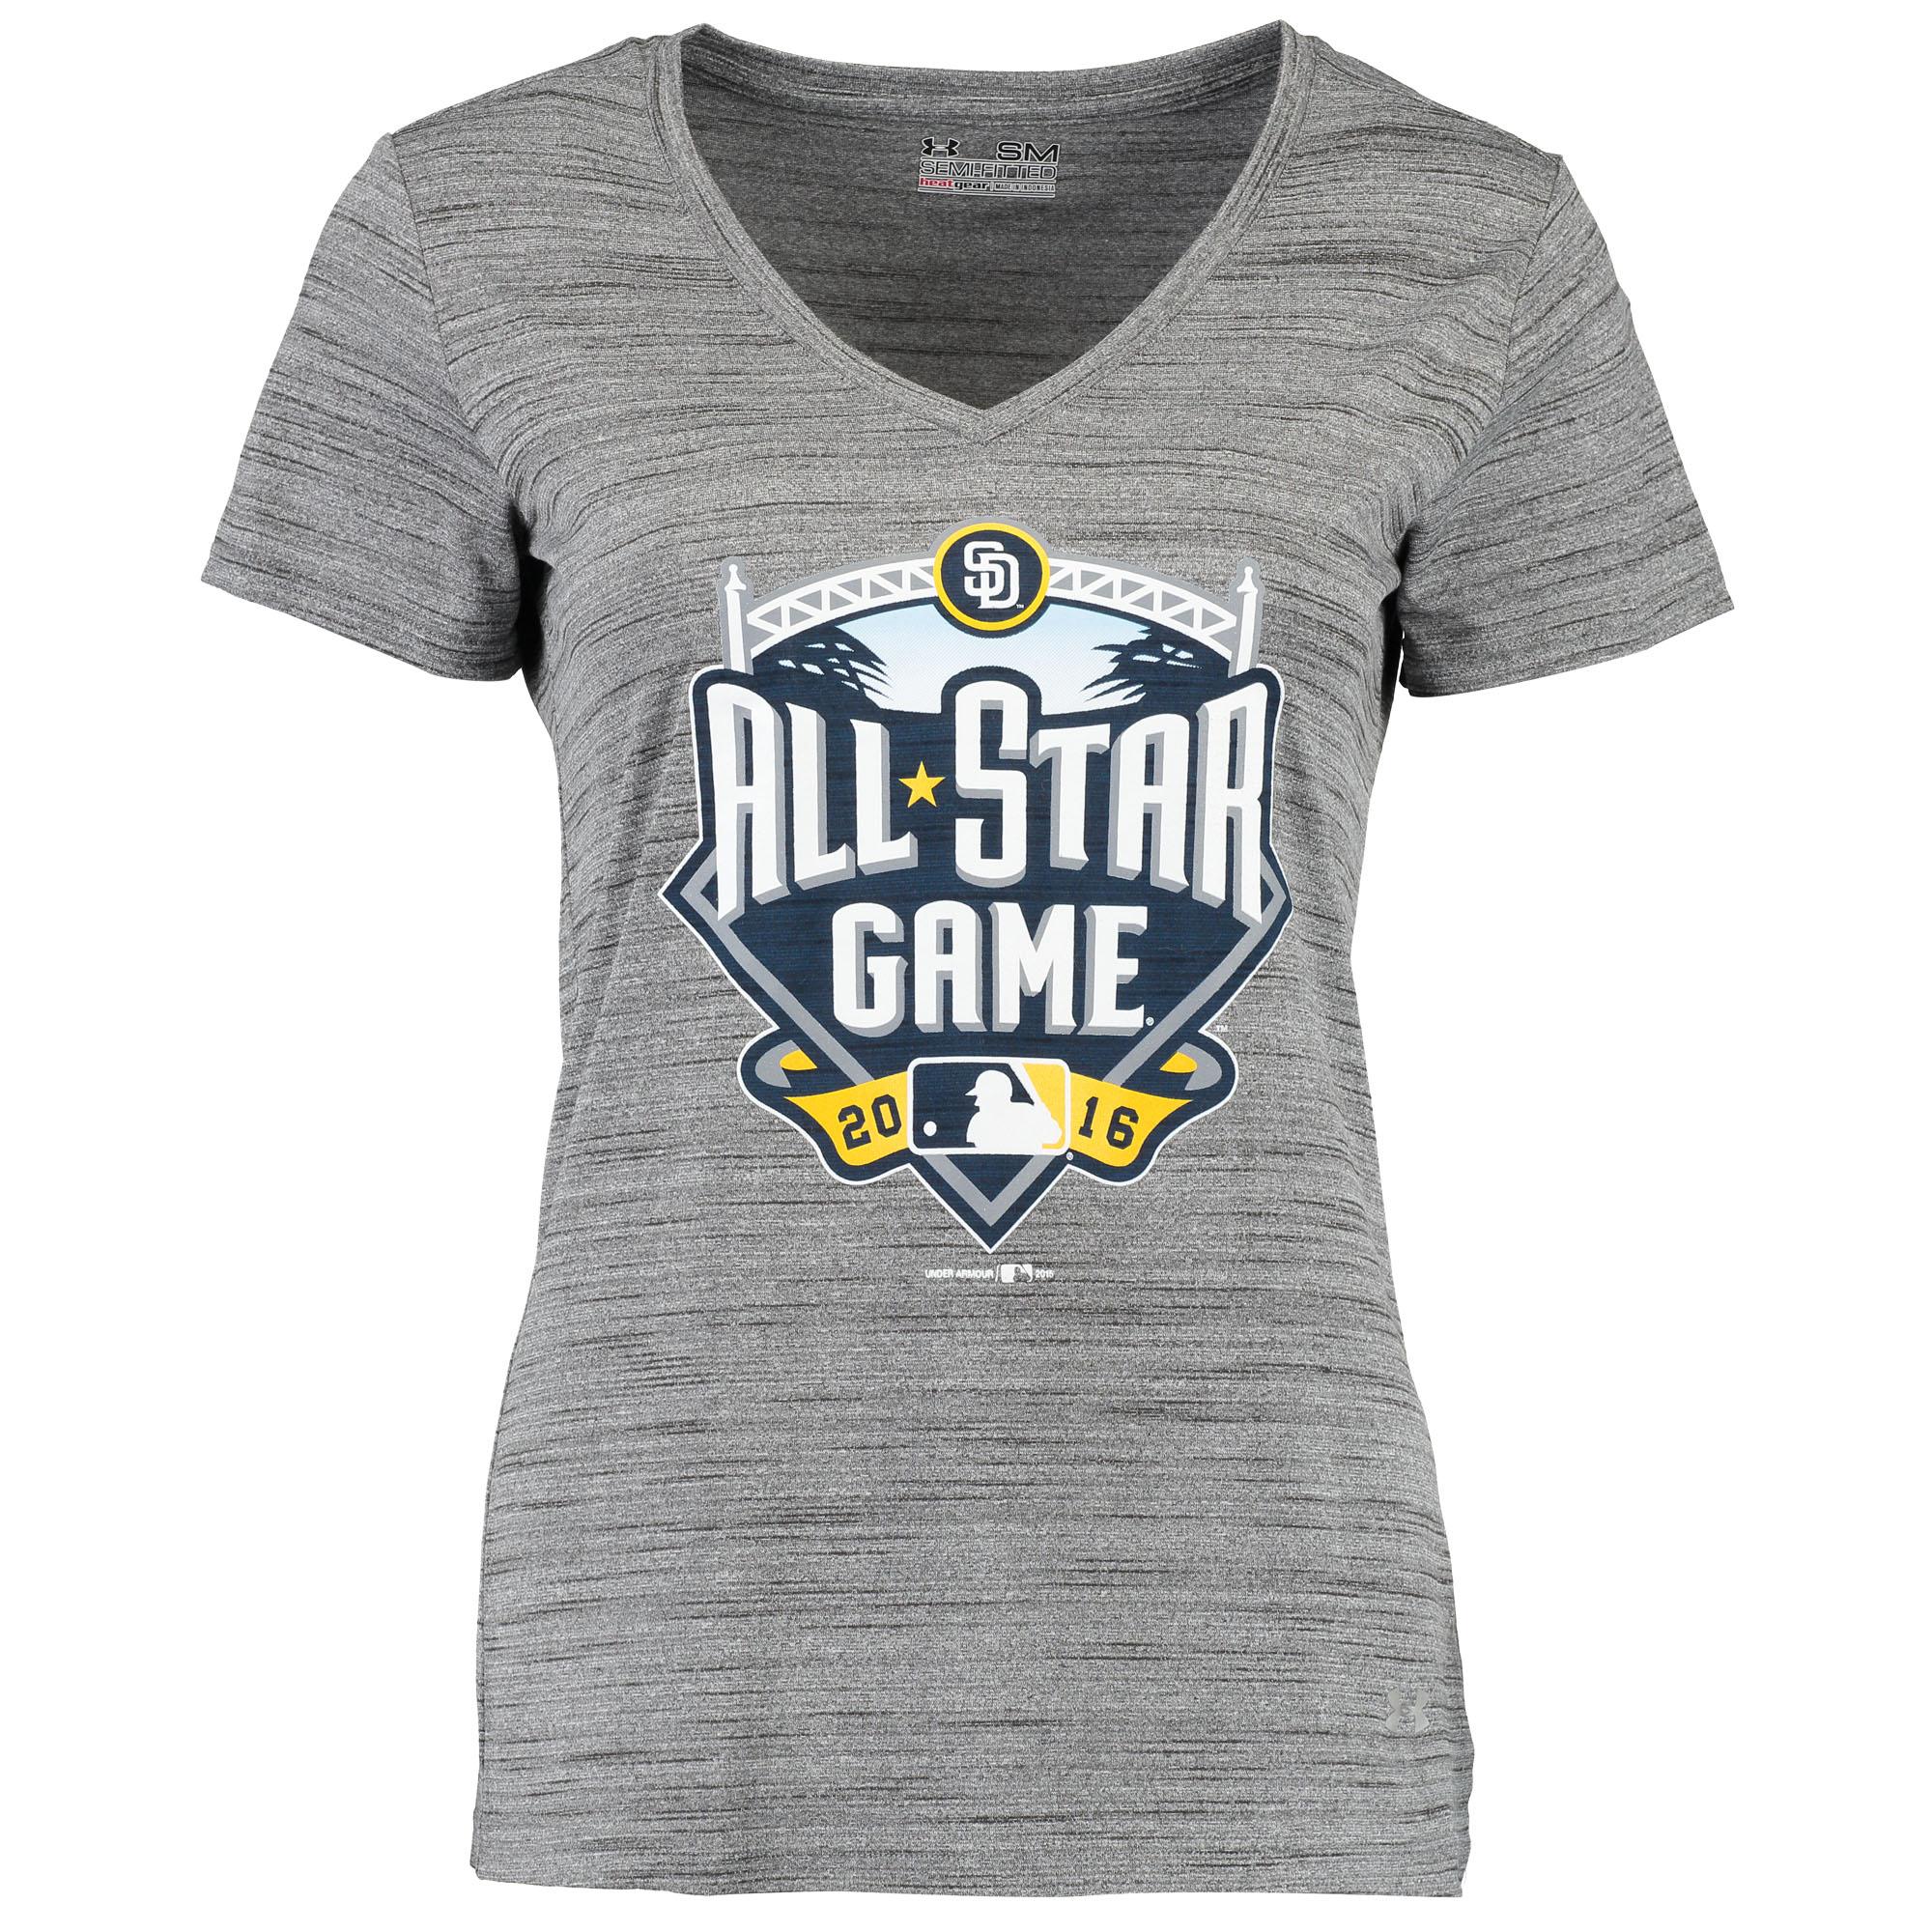 Under Armour Women's 2016 MLB All-Star Game Novelty V-Neck T-Shirt - Gray